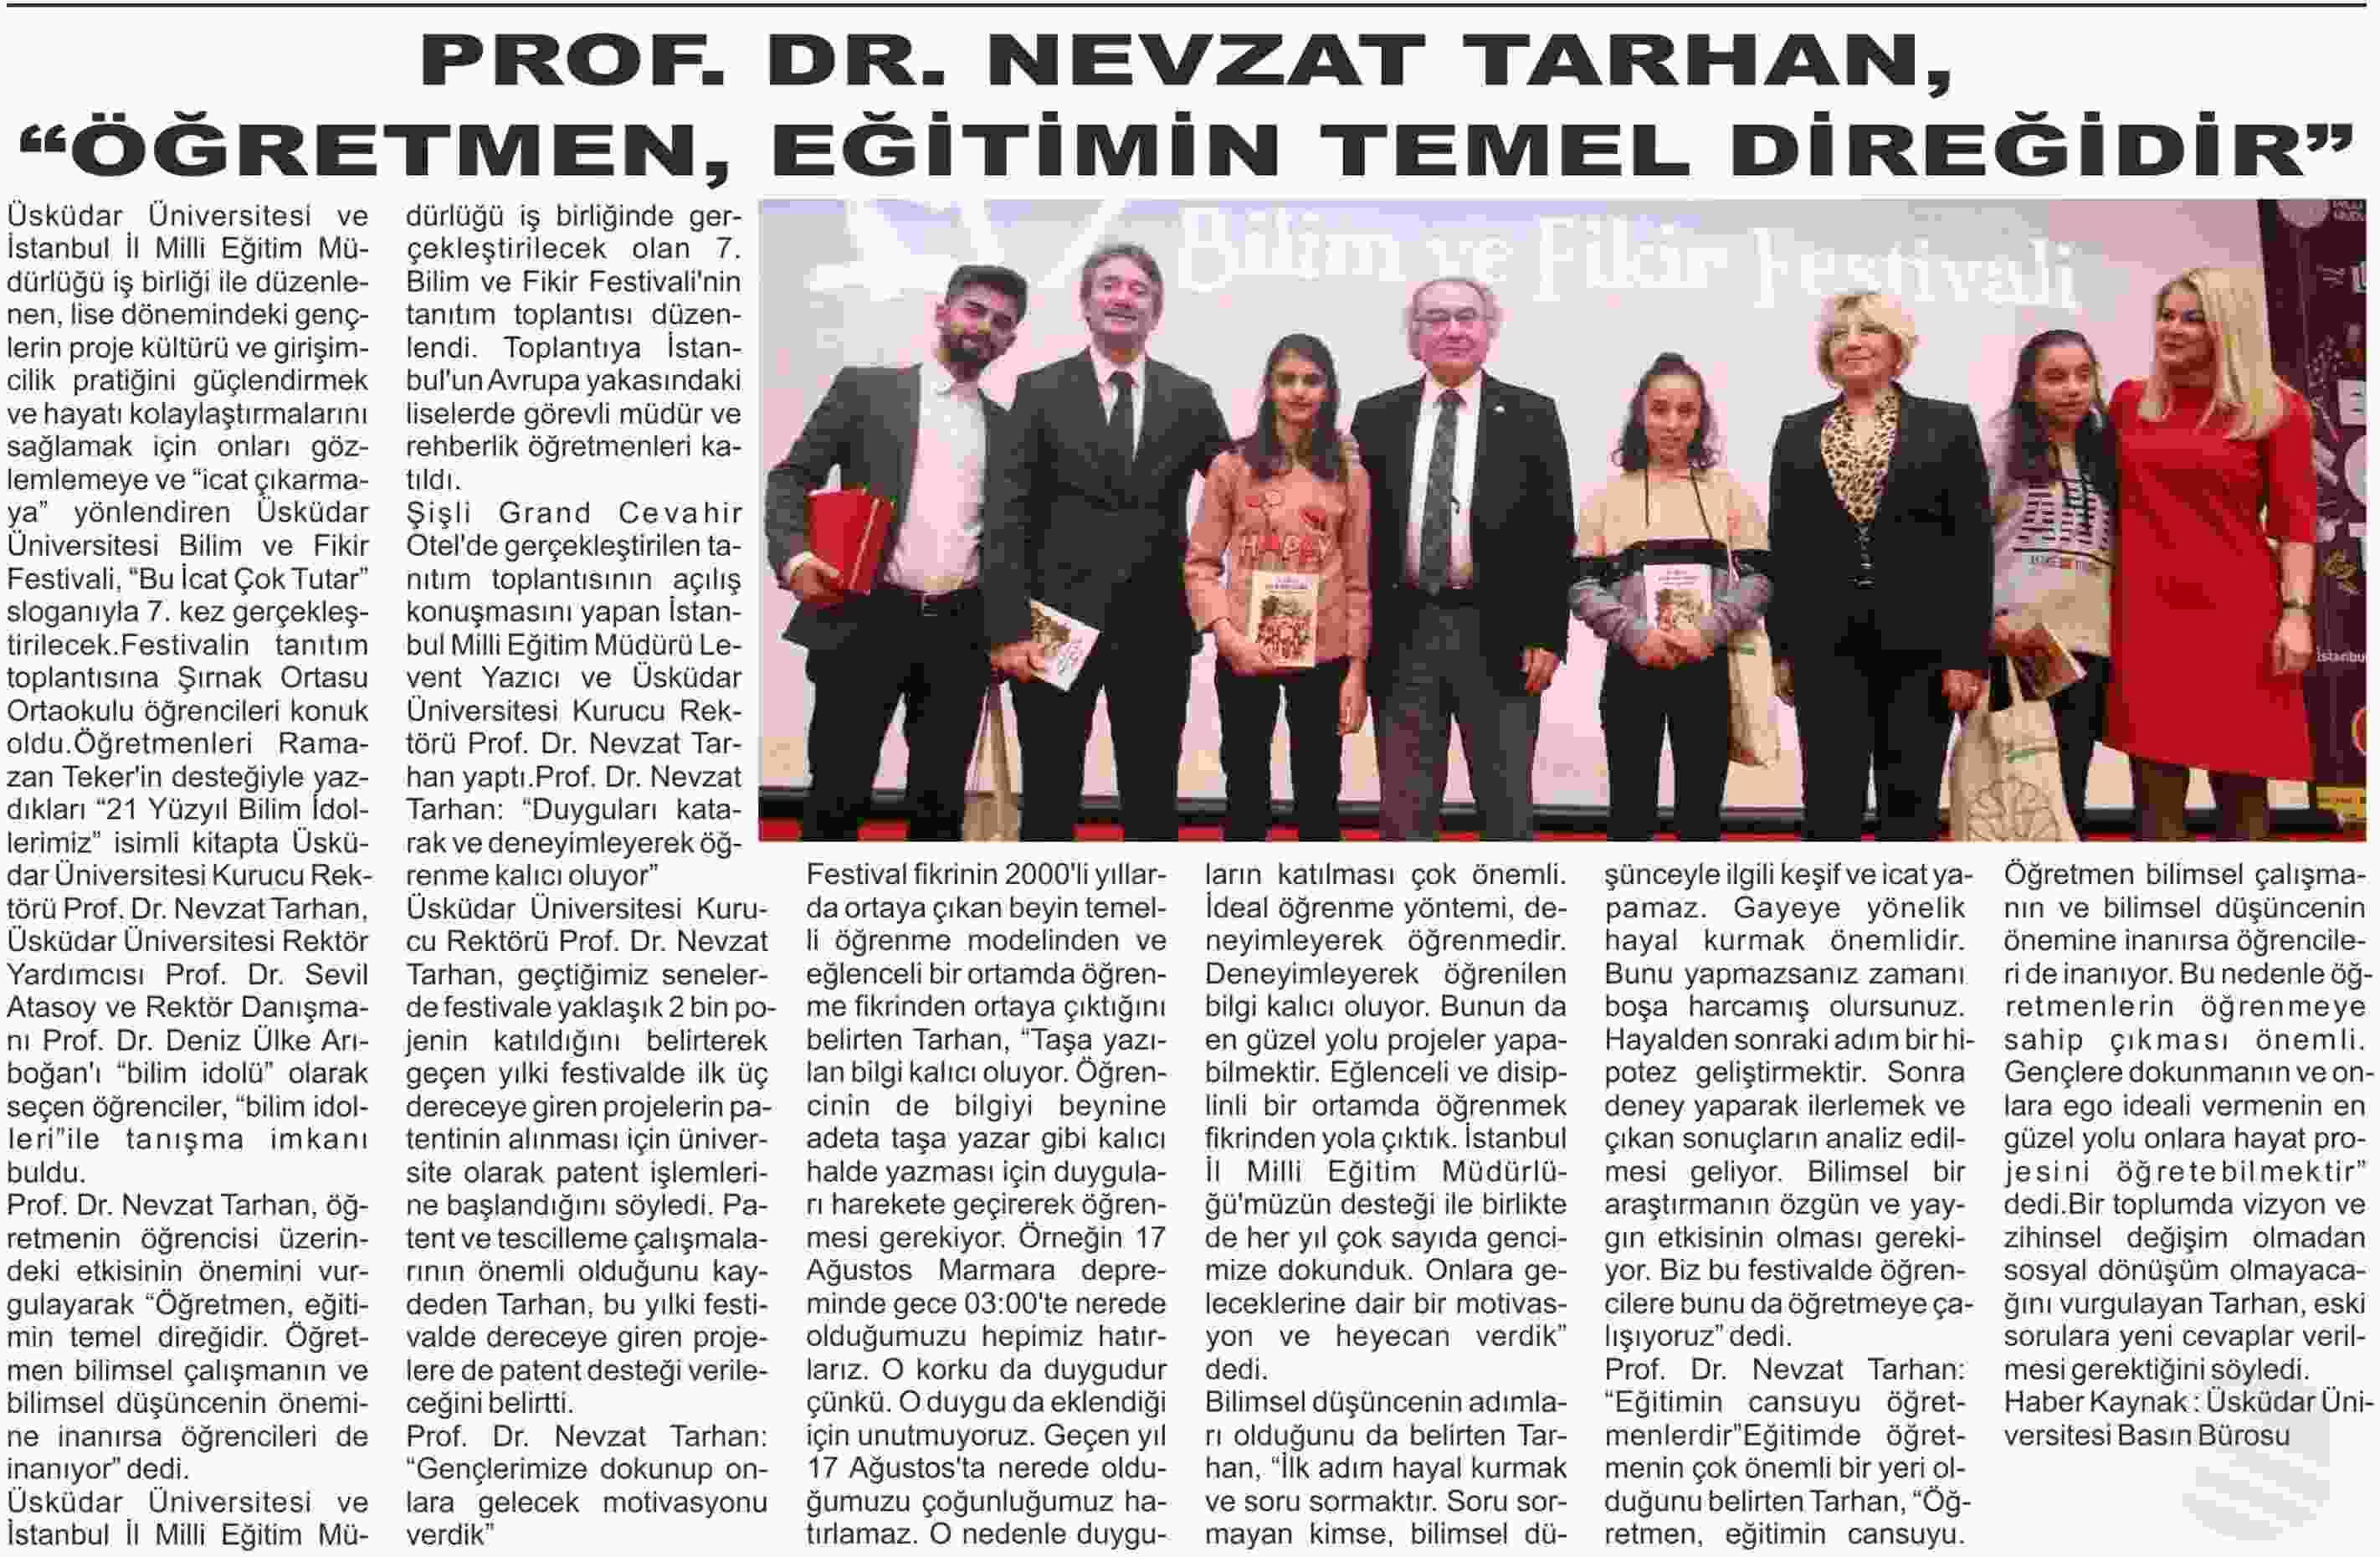 PROF. DR. NEVZAT TARHAN,  ÖĞRETMEN, EĞİTİMİN TEMEL DİREĞİDİR